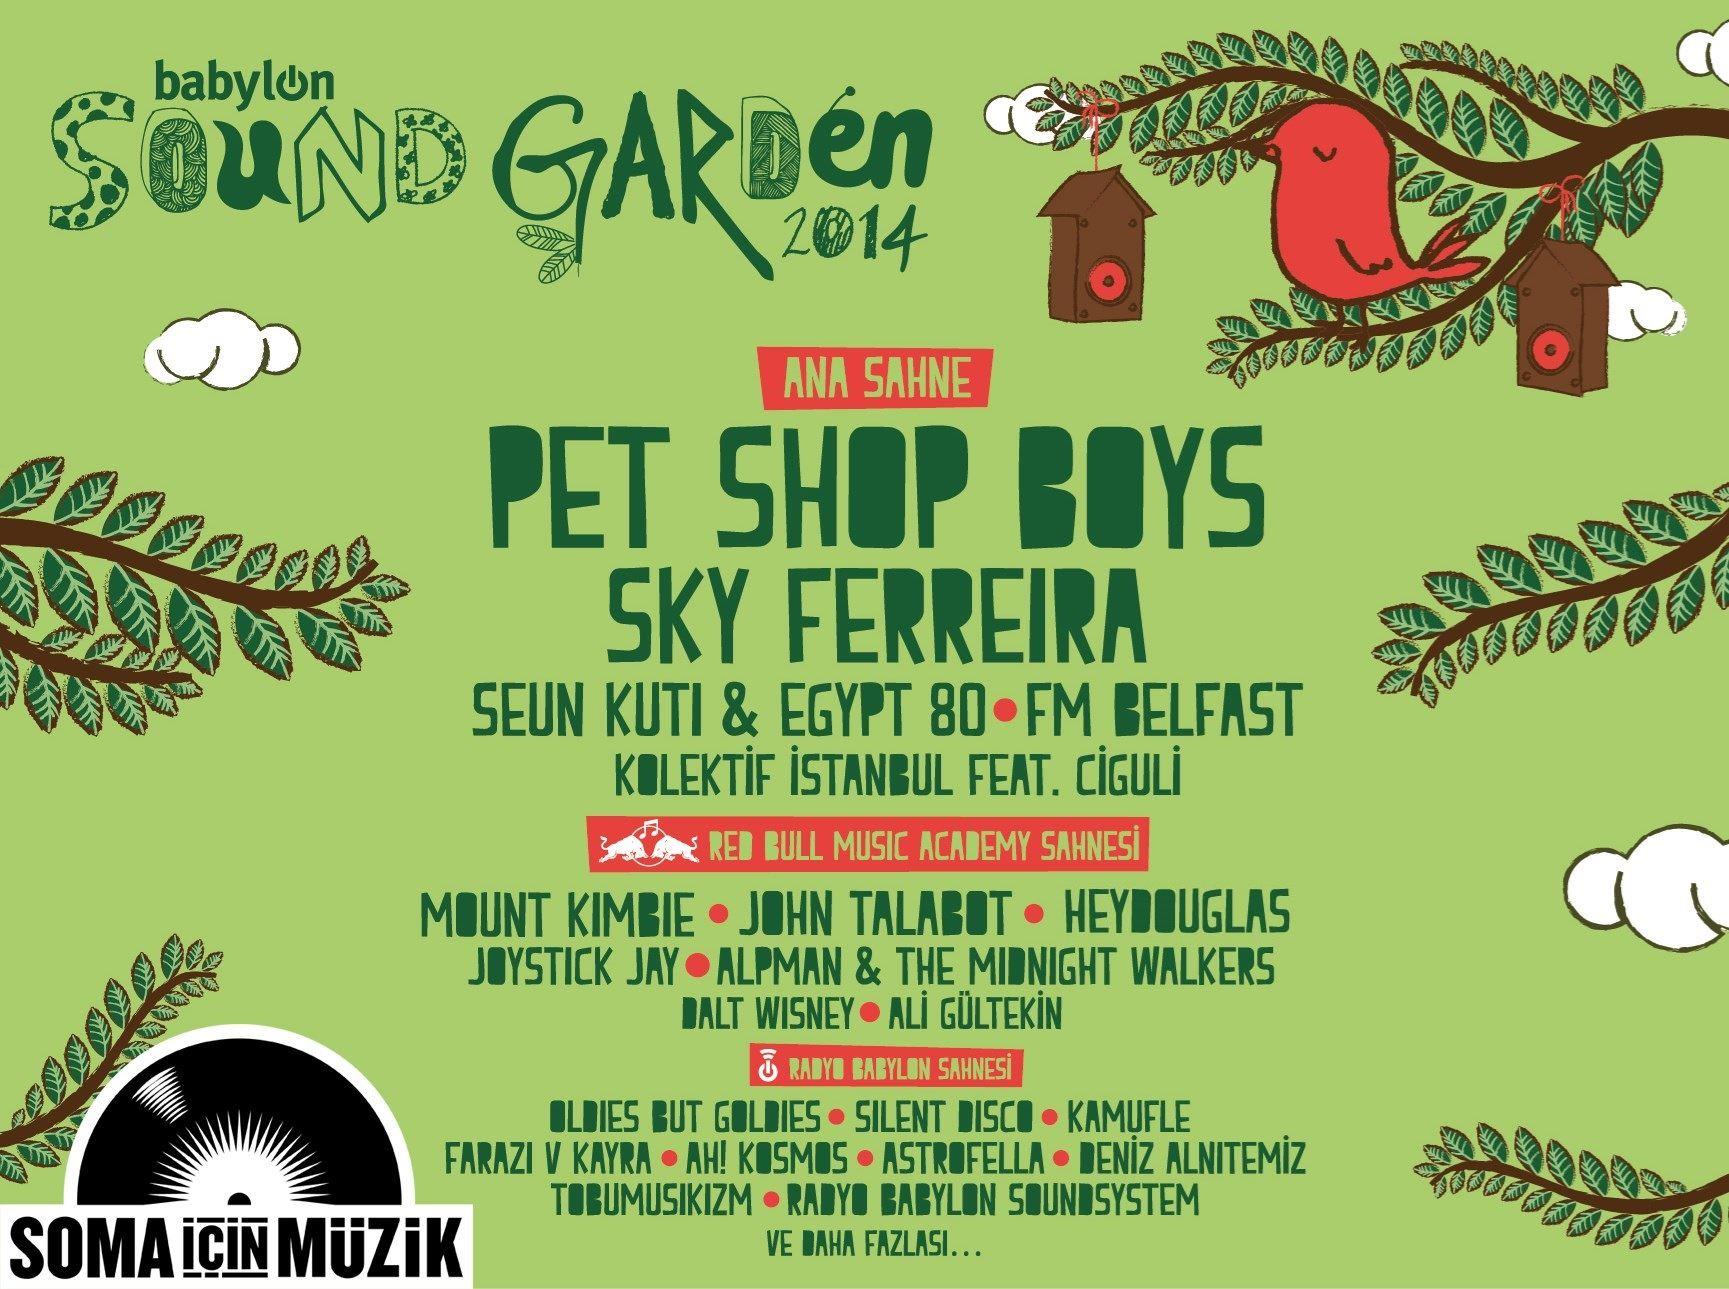 Babylon Soundgarden İstanbul 2014